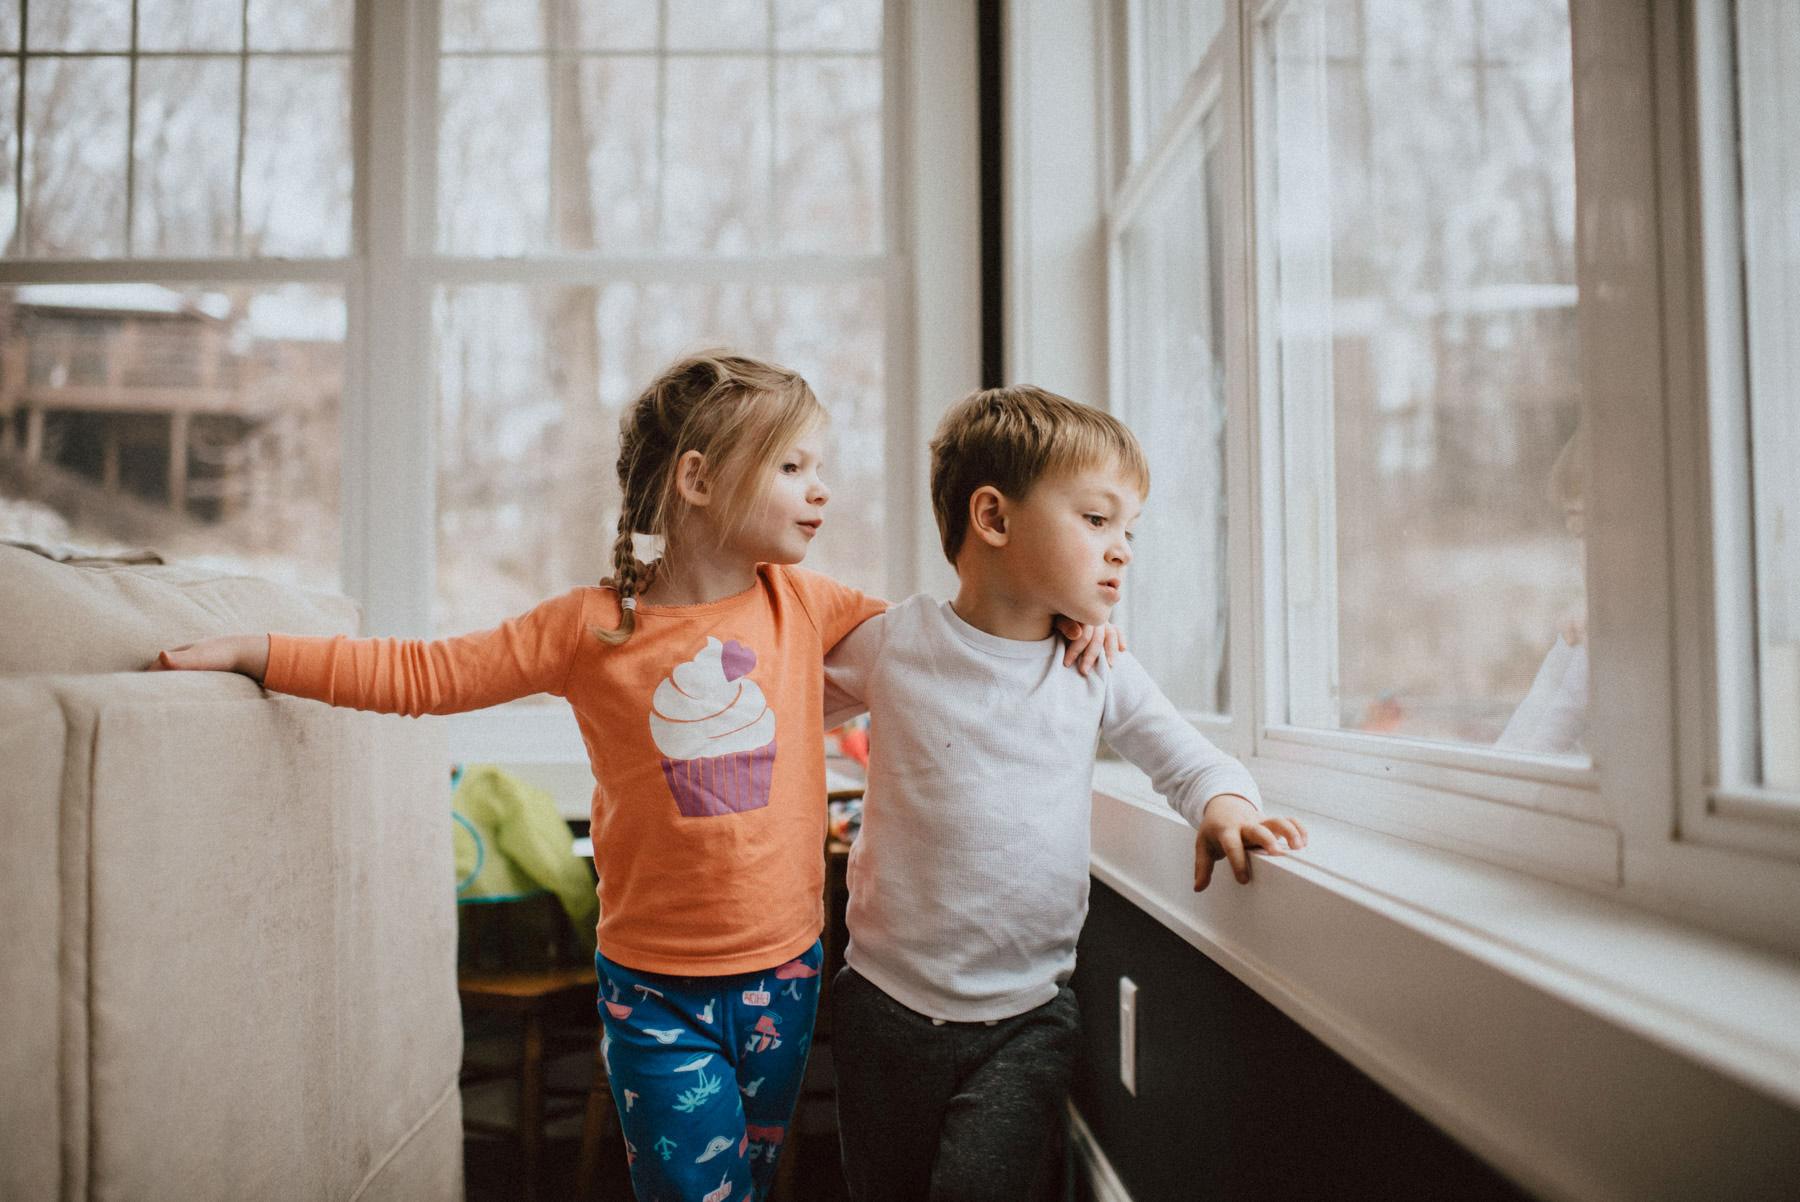 065-delaware-family-photographer-1-4.jpg